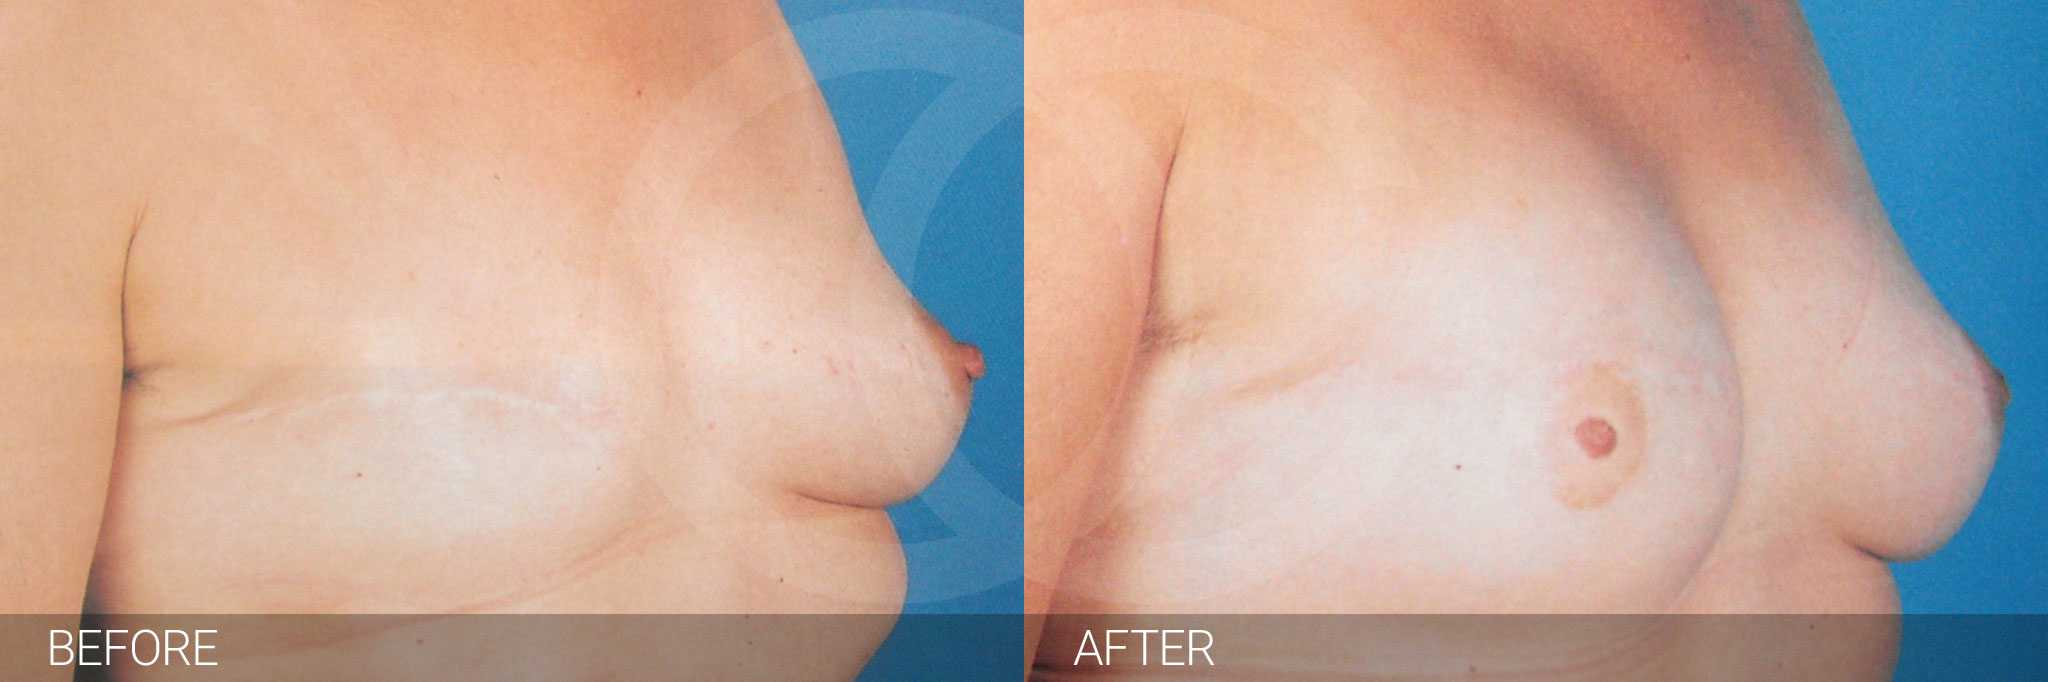 Reconstrucción mamaria después mastectomía ante/post-op III